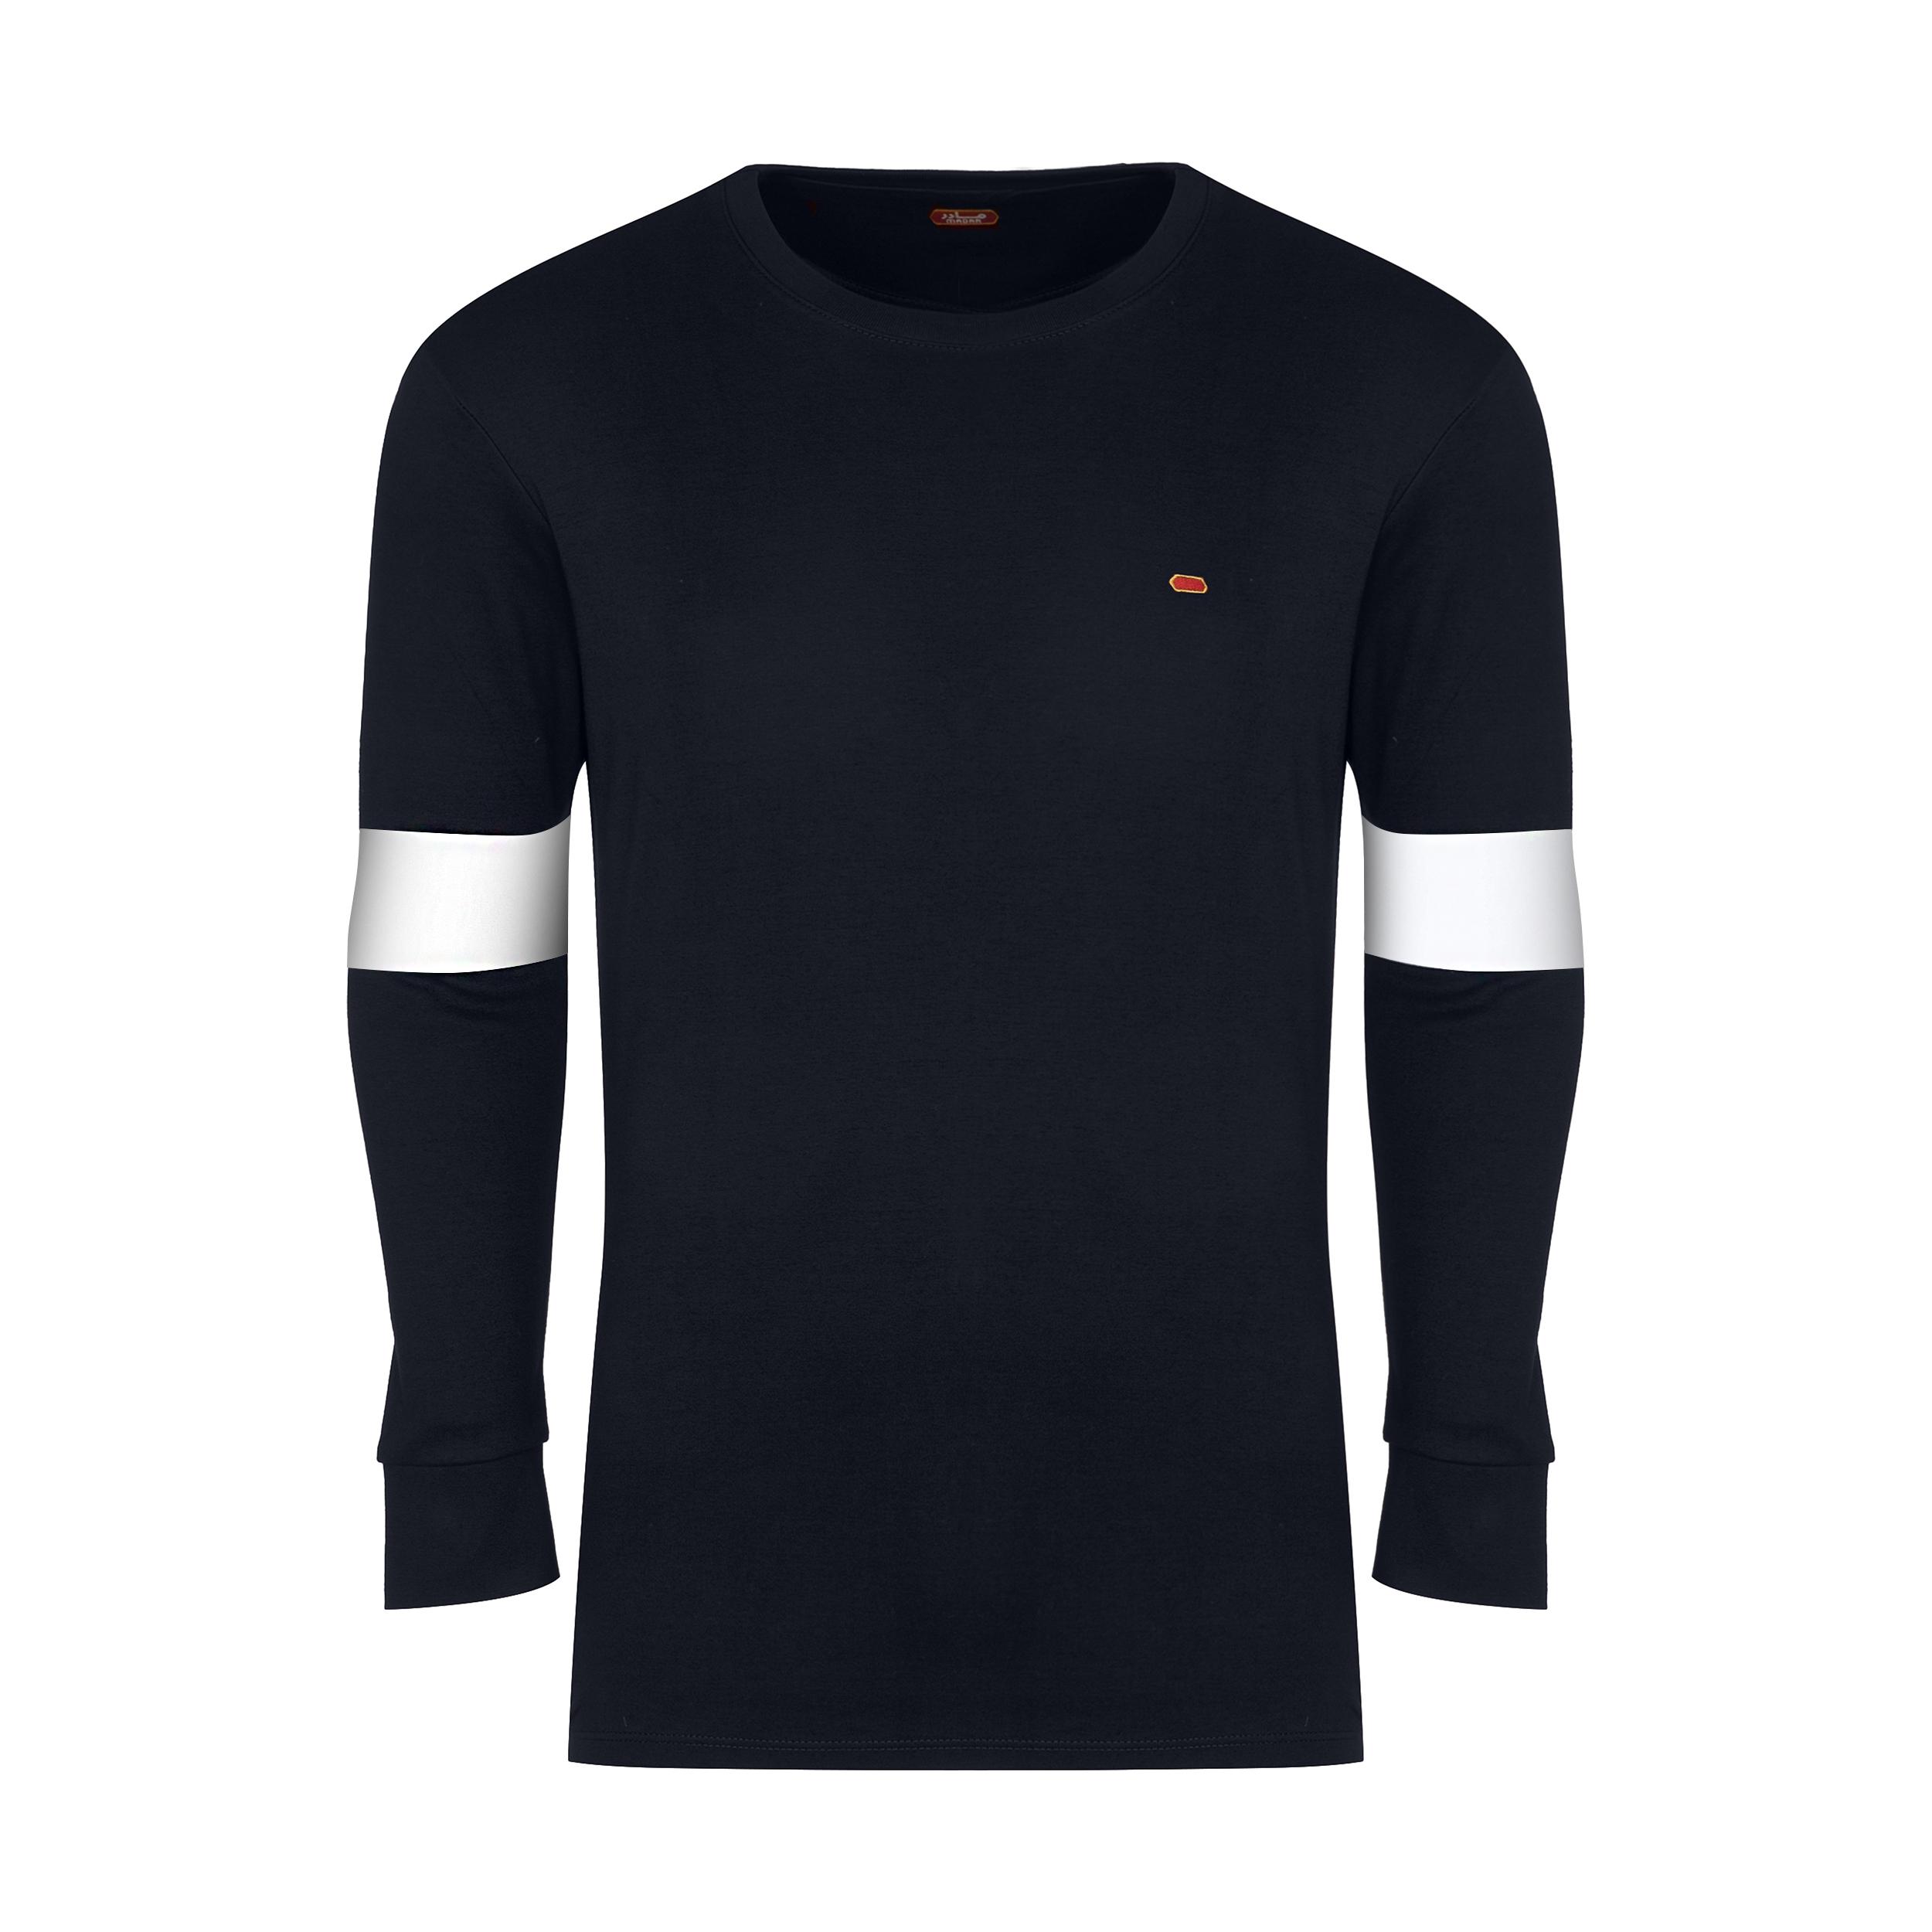 تی شرت مردانه مادر مدل 316-59